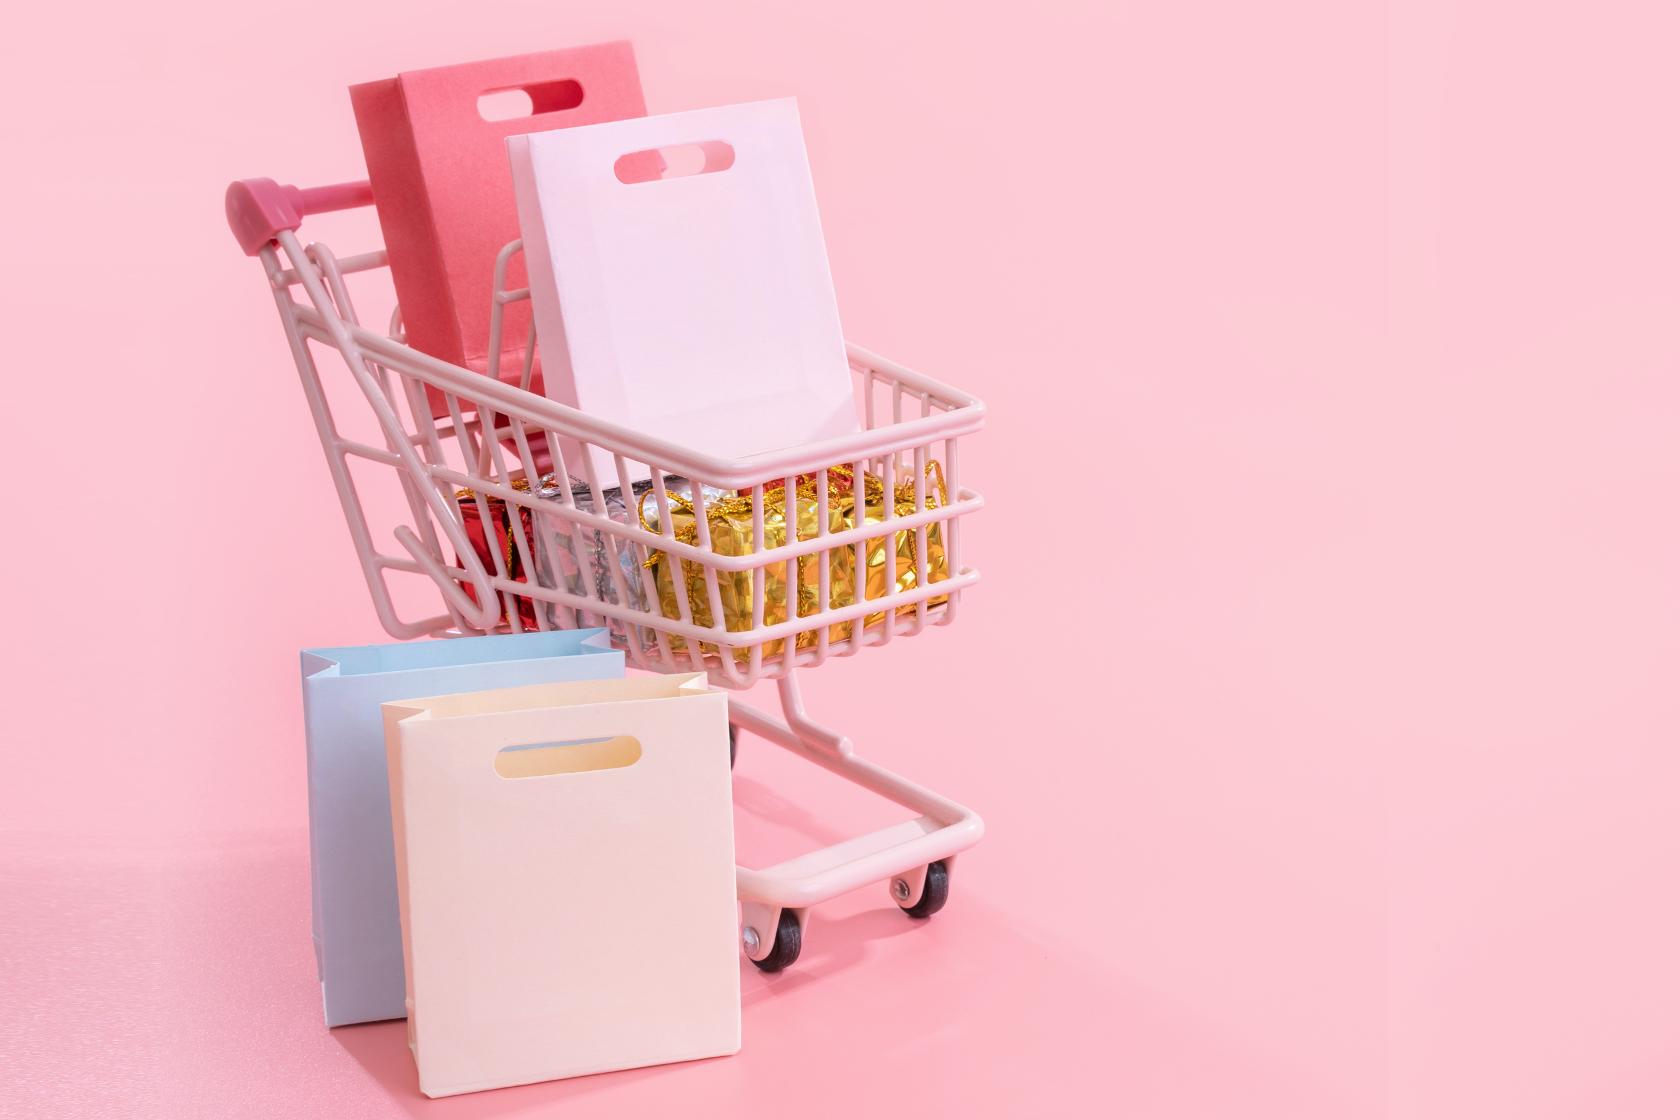 Shopping cart full of fashion shopping bags